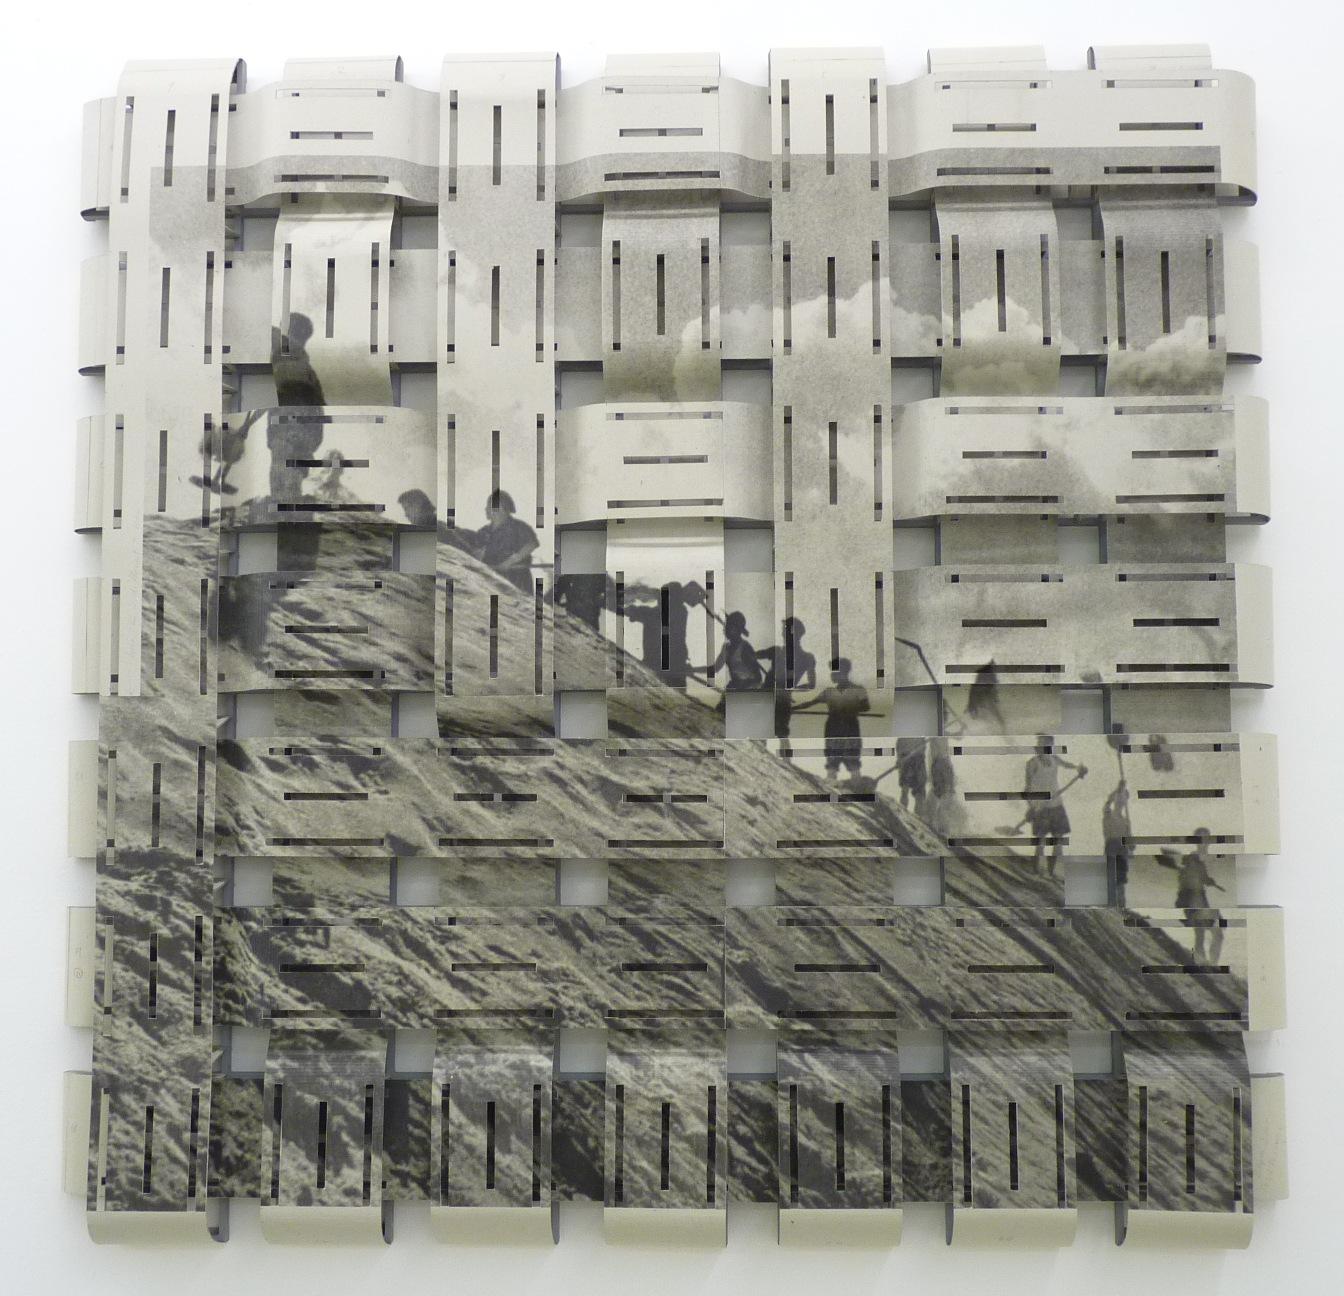 Arbeiter (Zeichen für Erde), sérigraphie, acrylique, carton et bois